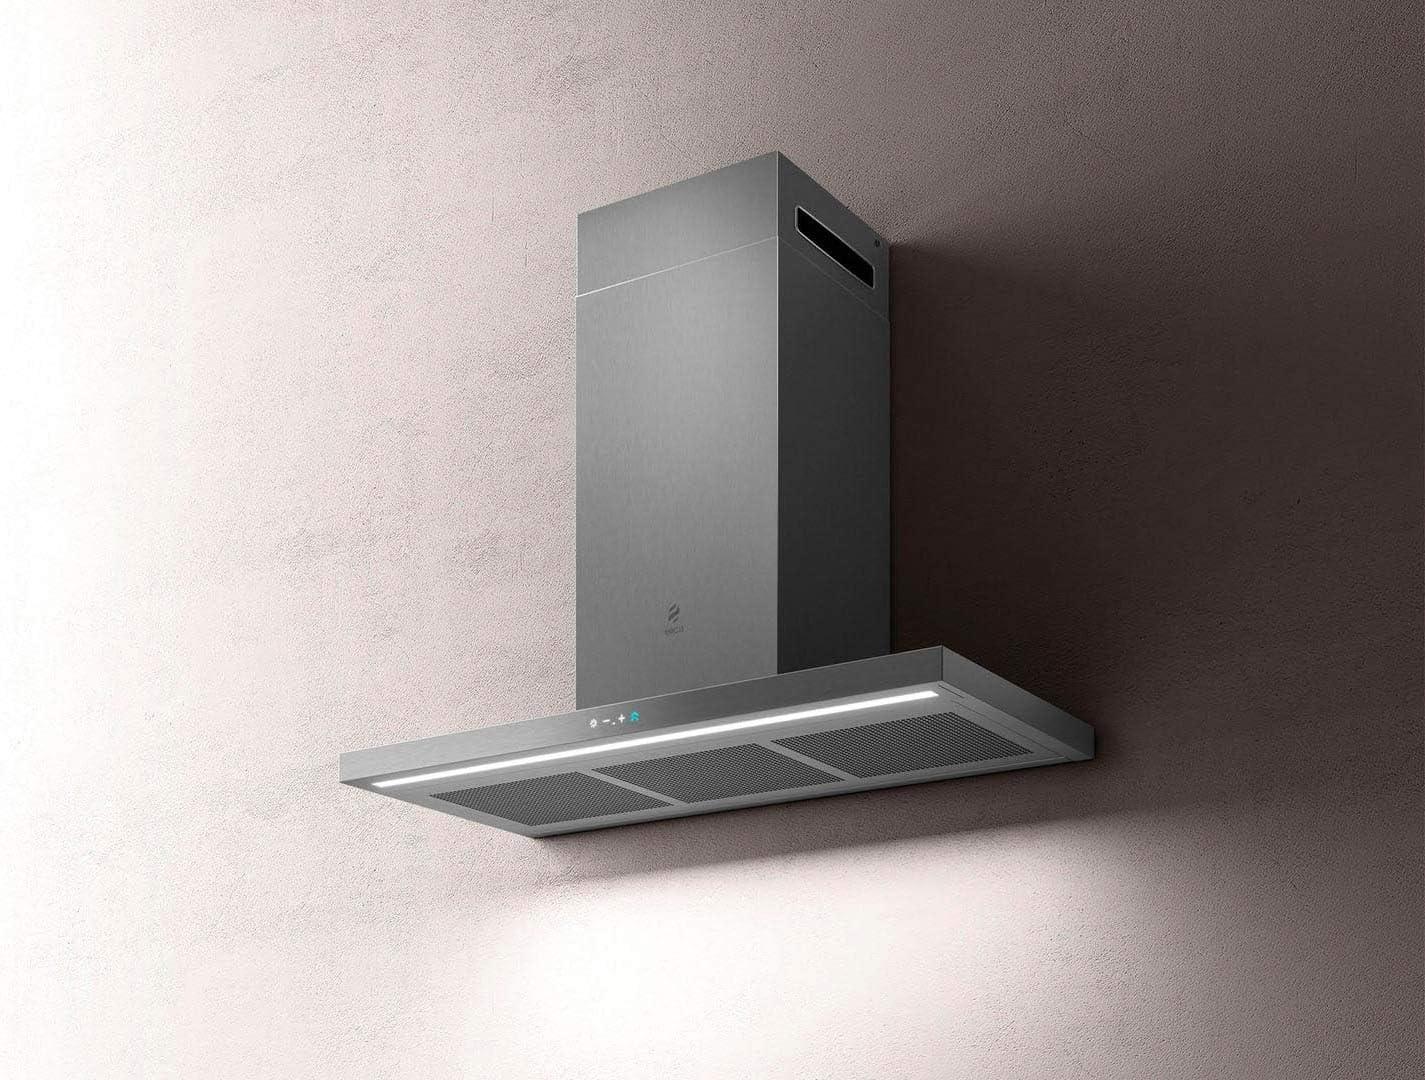 Elica Campana extractora de Cocina de Pared de 90 cm de Acero Inoxidable IX/A/90 Thin: Amazon.es: Grandes electrodomésticos